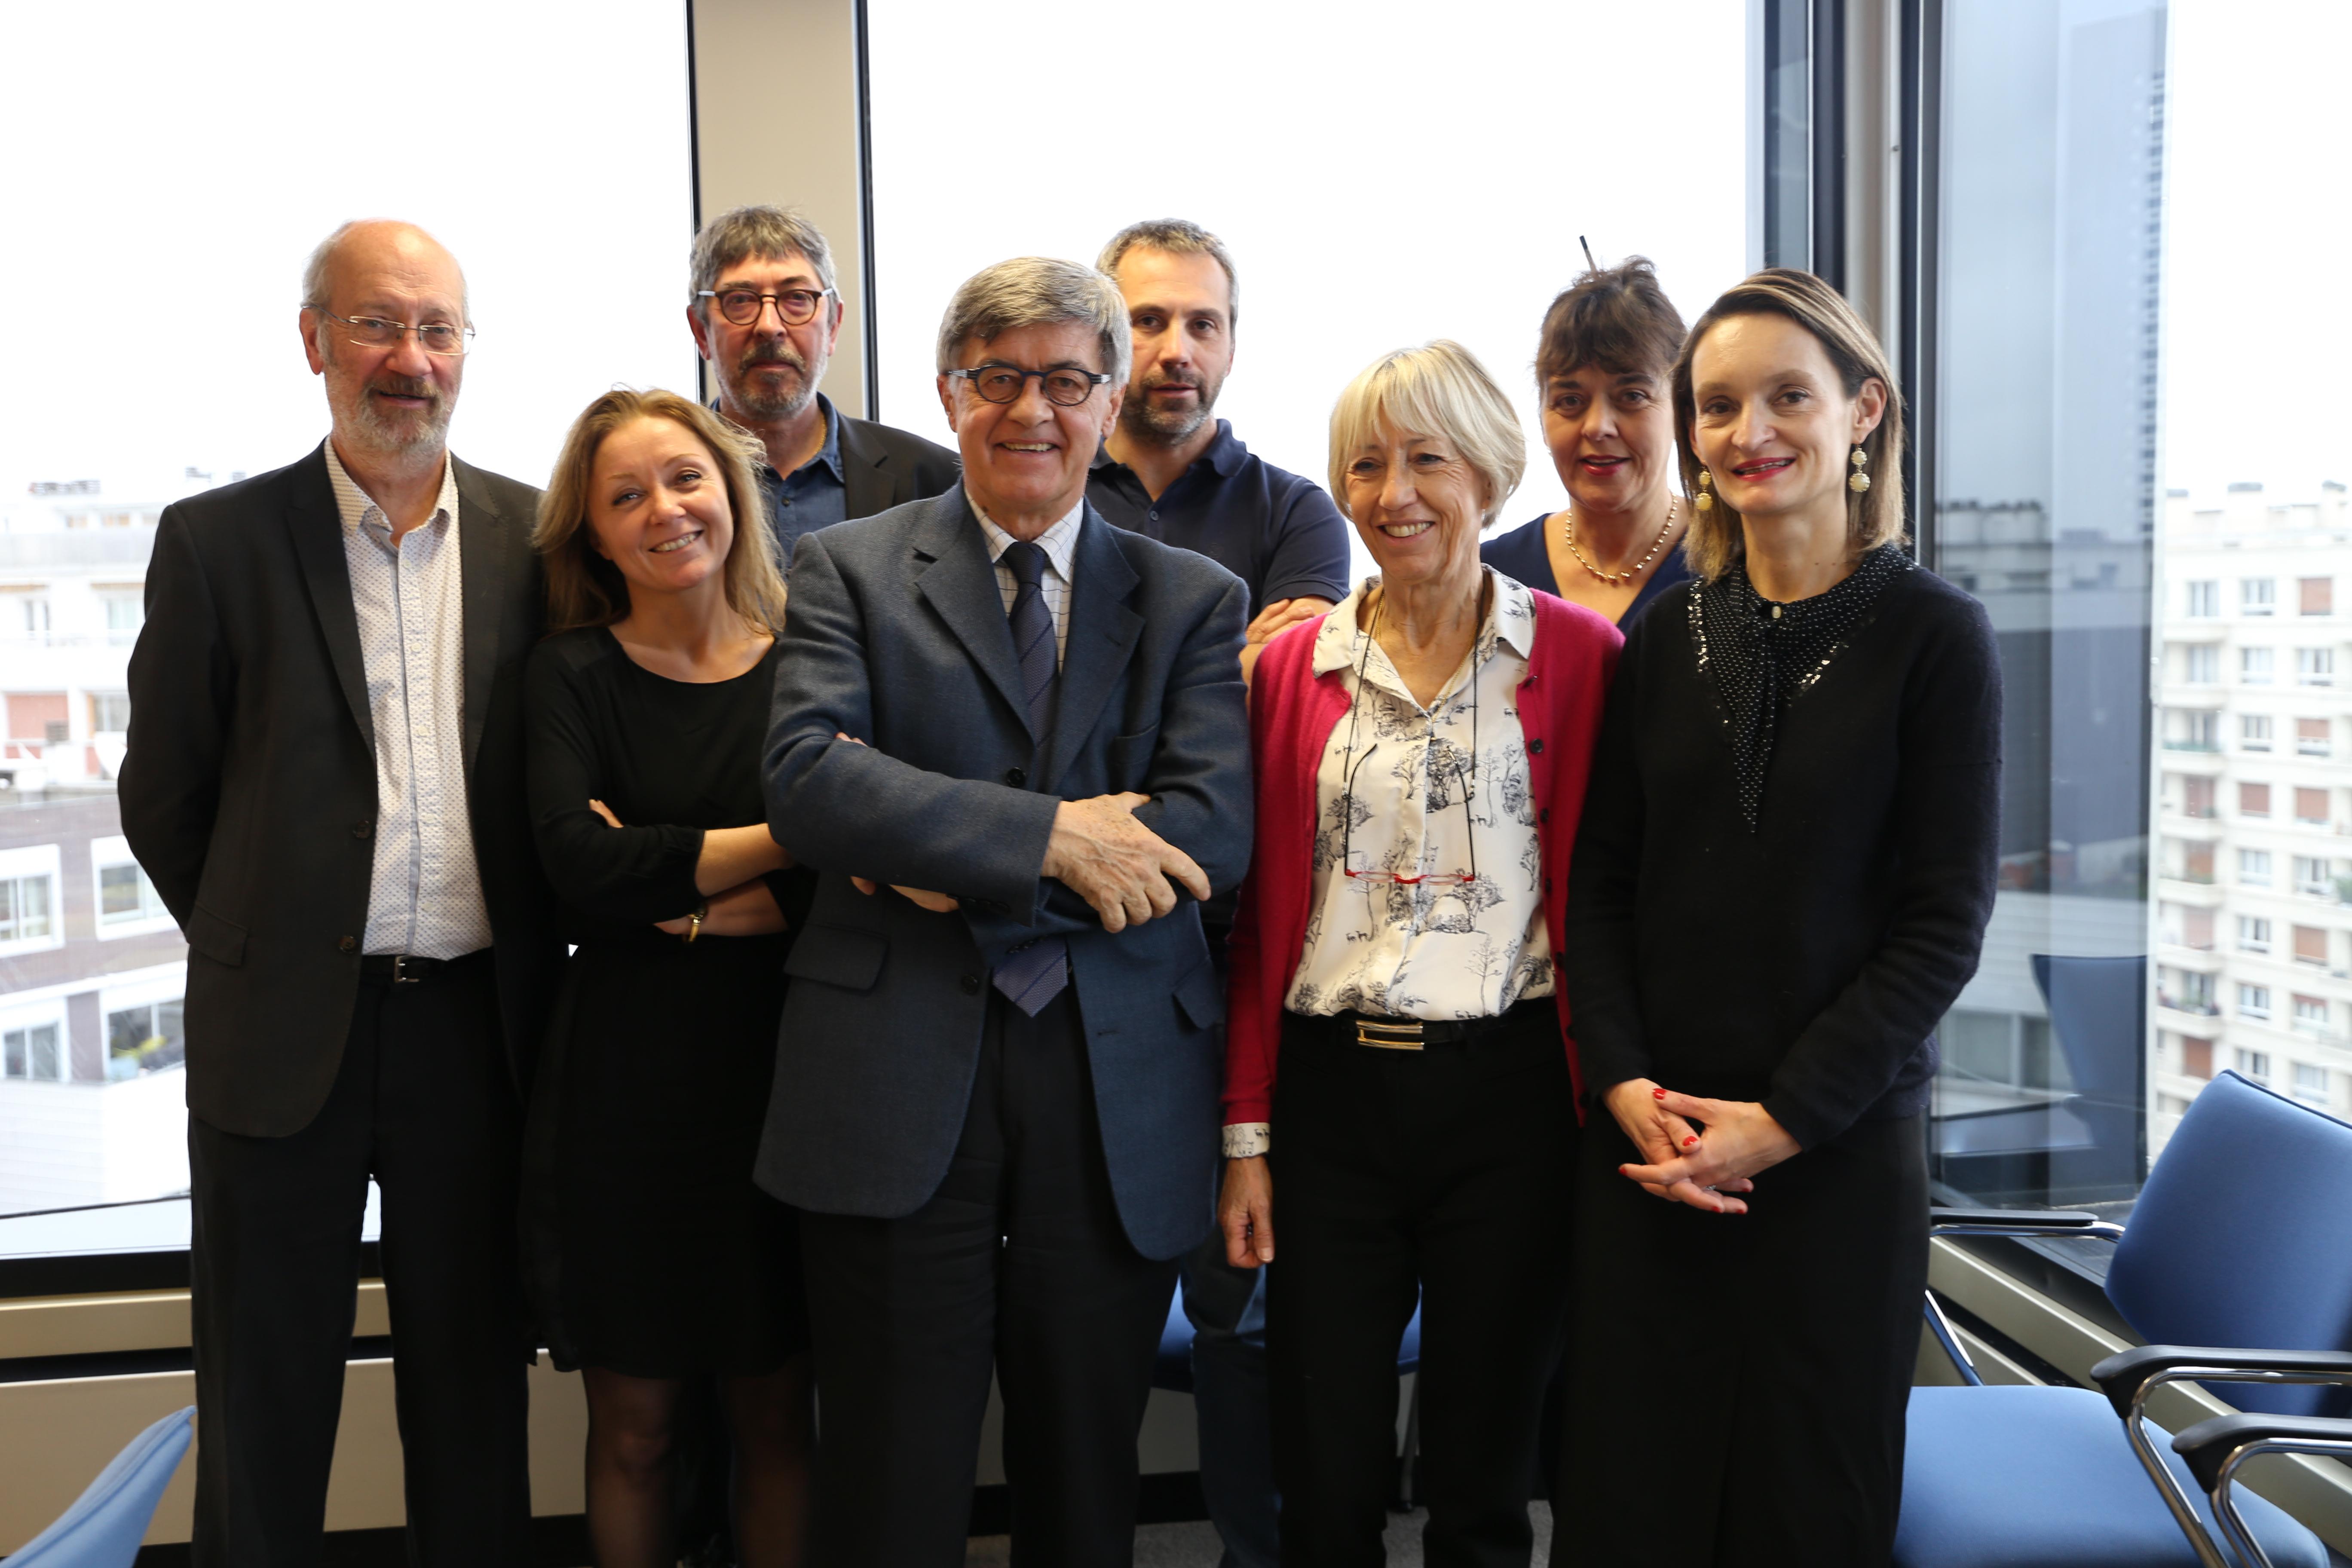 Le président du CTA de Paris, André Schilte, et la secrétaire générale, Angélique Ursulet, accompagnés des membres du CTA.